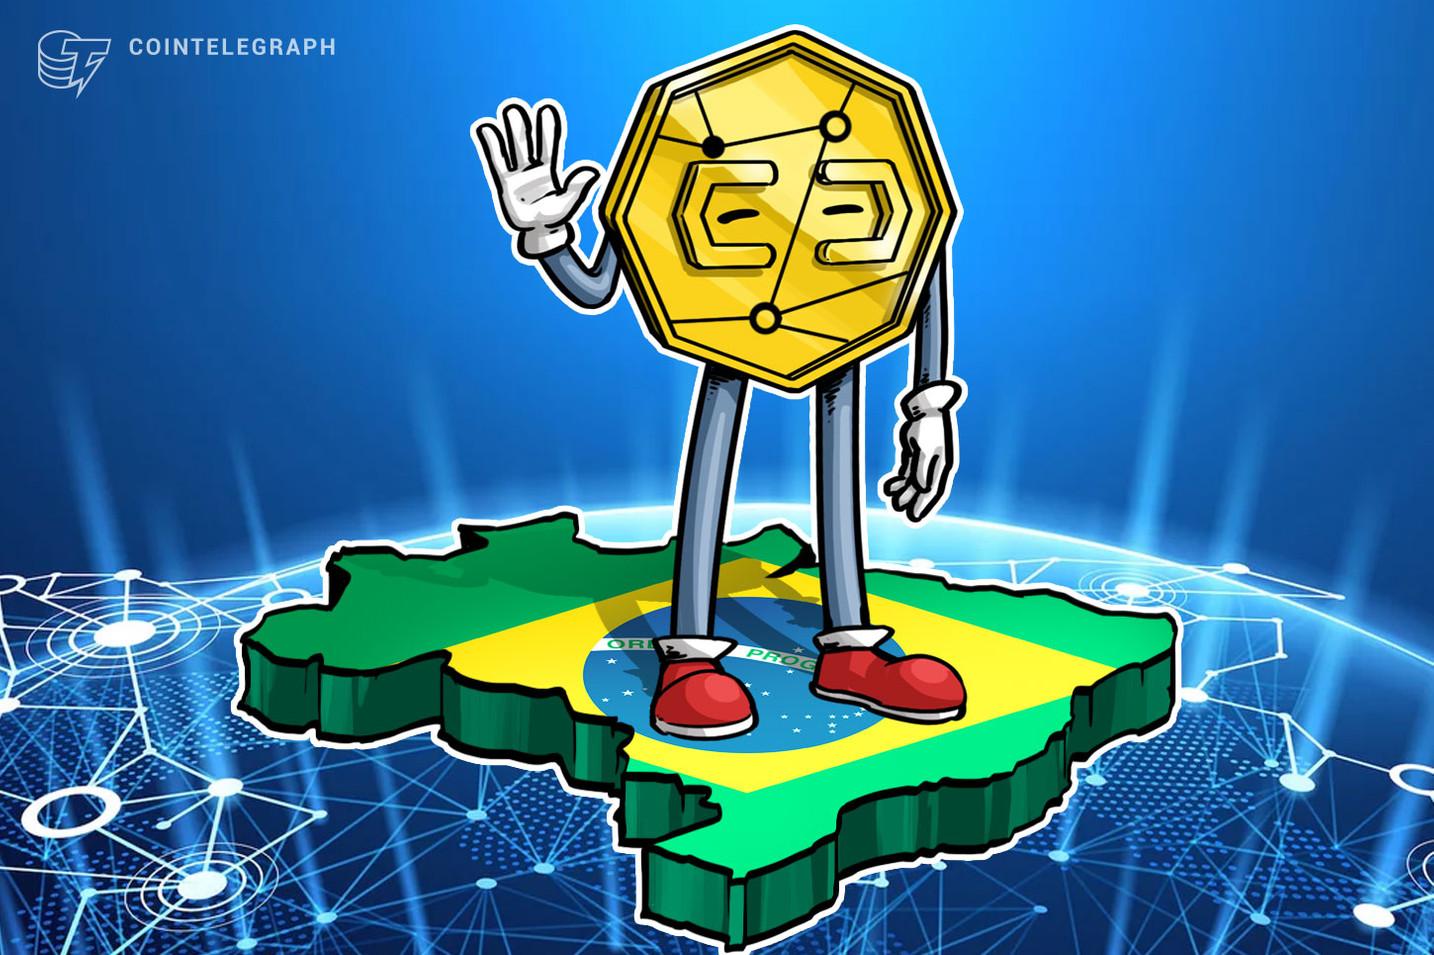 Para escapar de nova regulamentação da Receita, empresa brasileira de criptomoedas se muda para as Bahamas